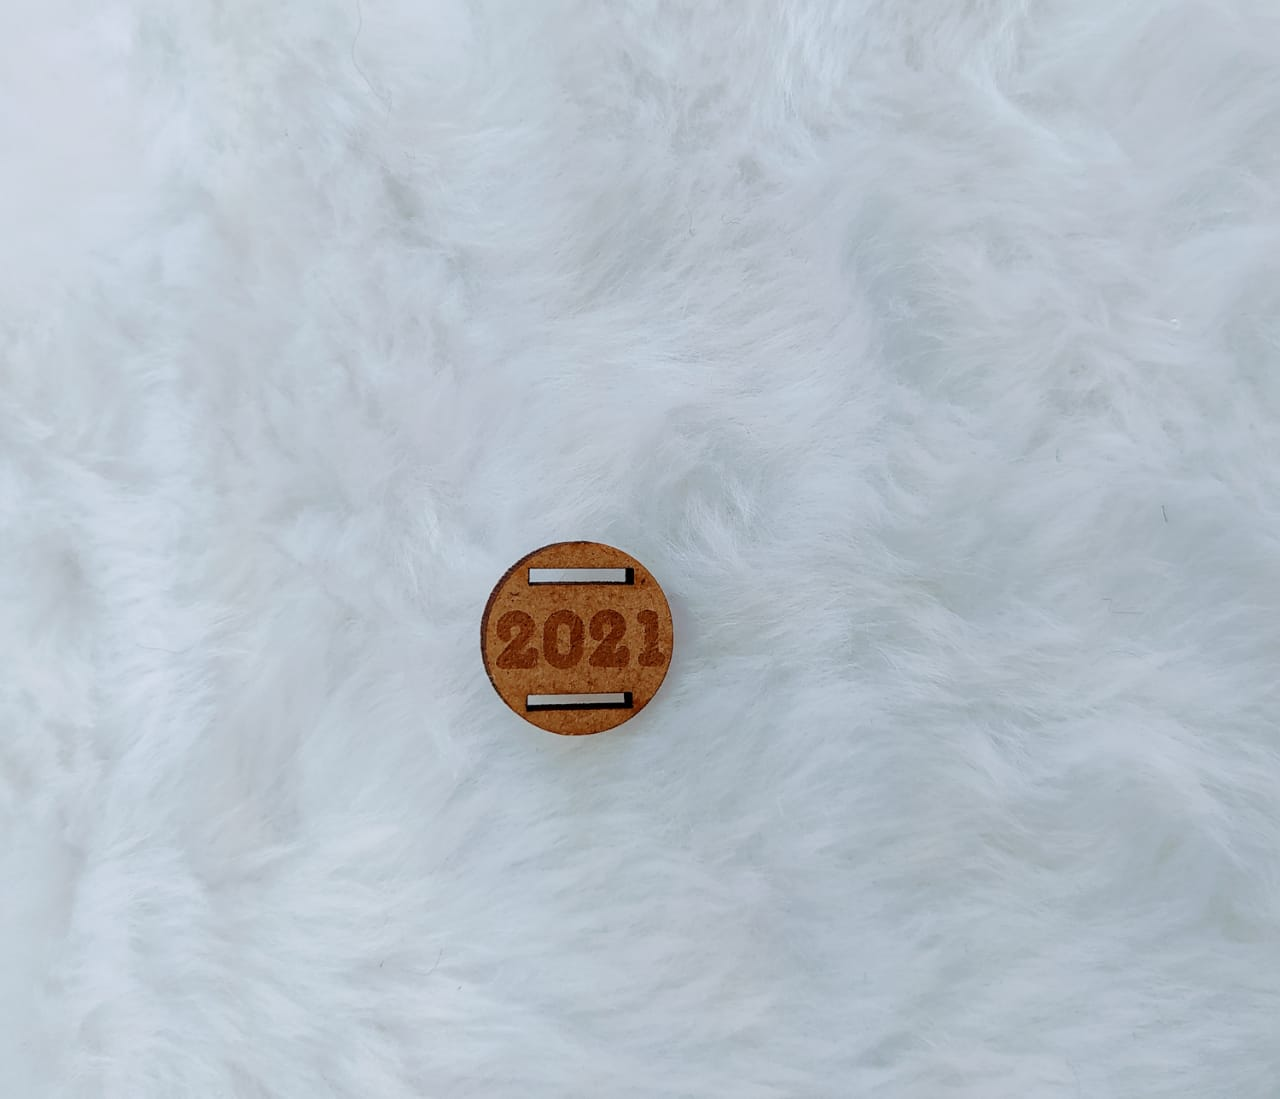 Passante redondo para elástico em MDF 1,5cm - 2021 - gravado c/ 10 unidades